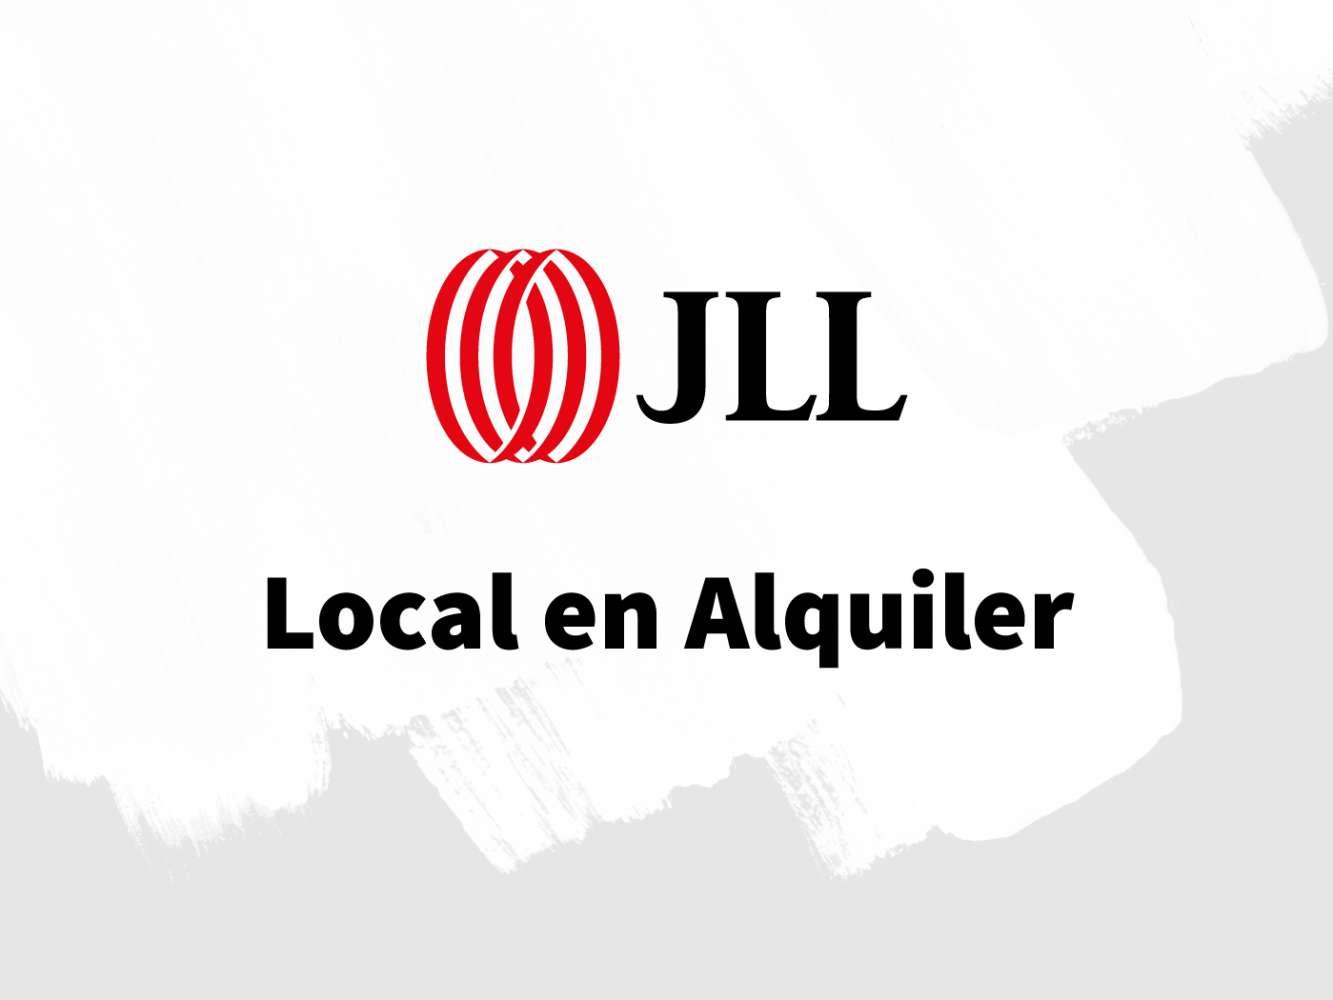 Local comercial Las palmas de gran canaria, 35011 - Local Escaleritas